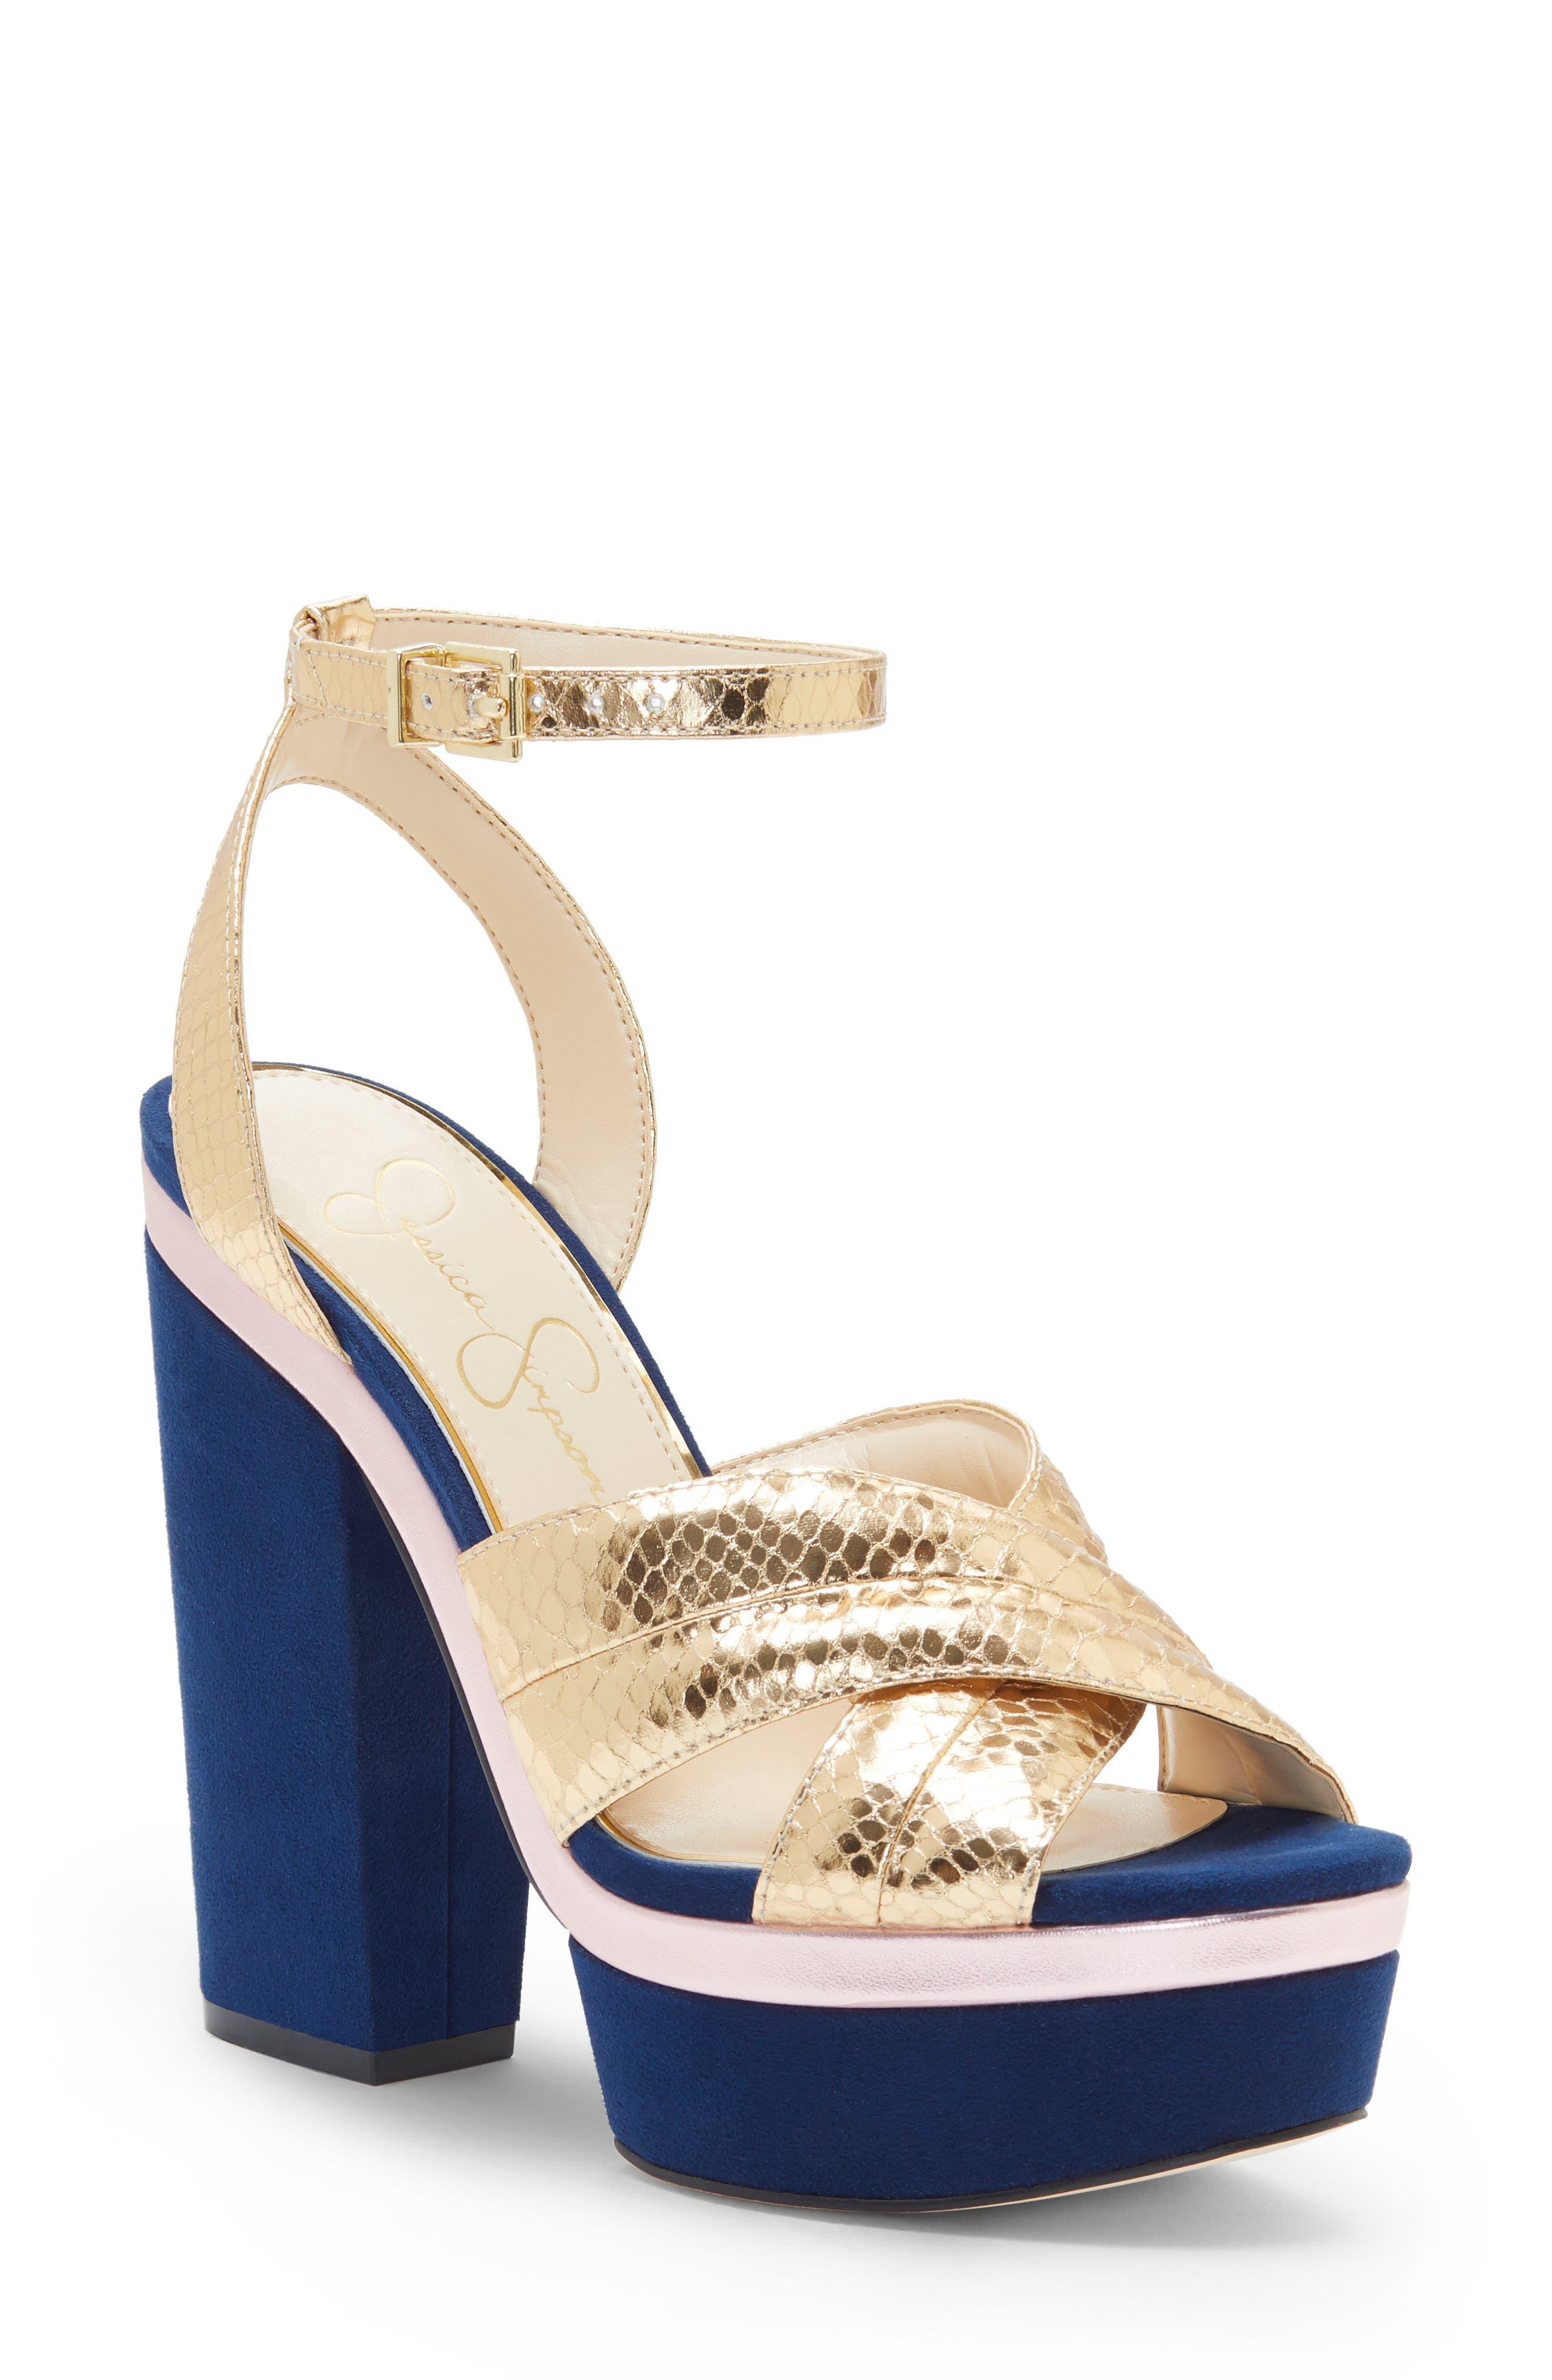 Jessica Simpson Lavada Platform Sandal- Metallic